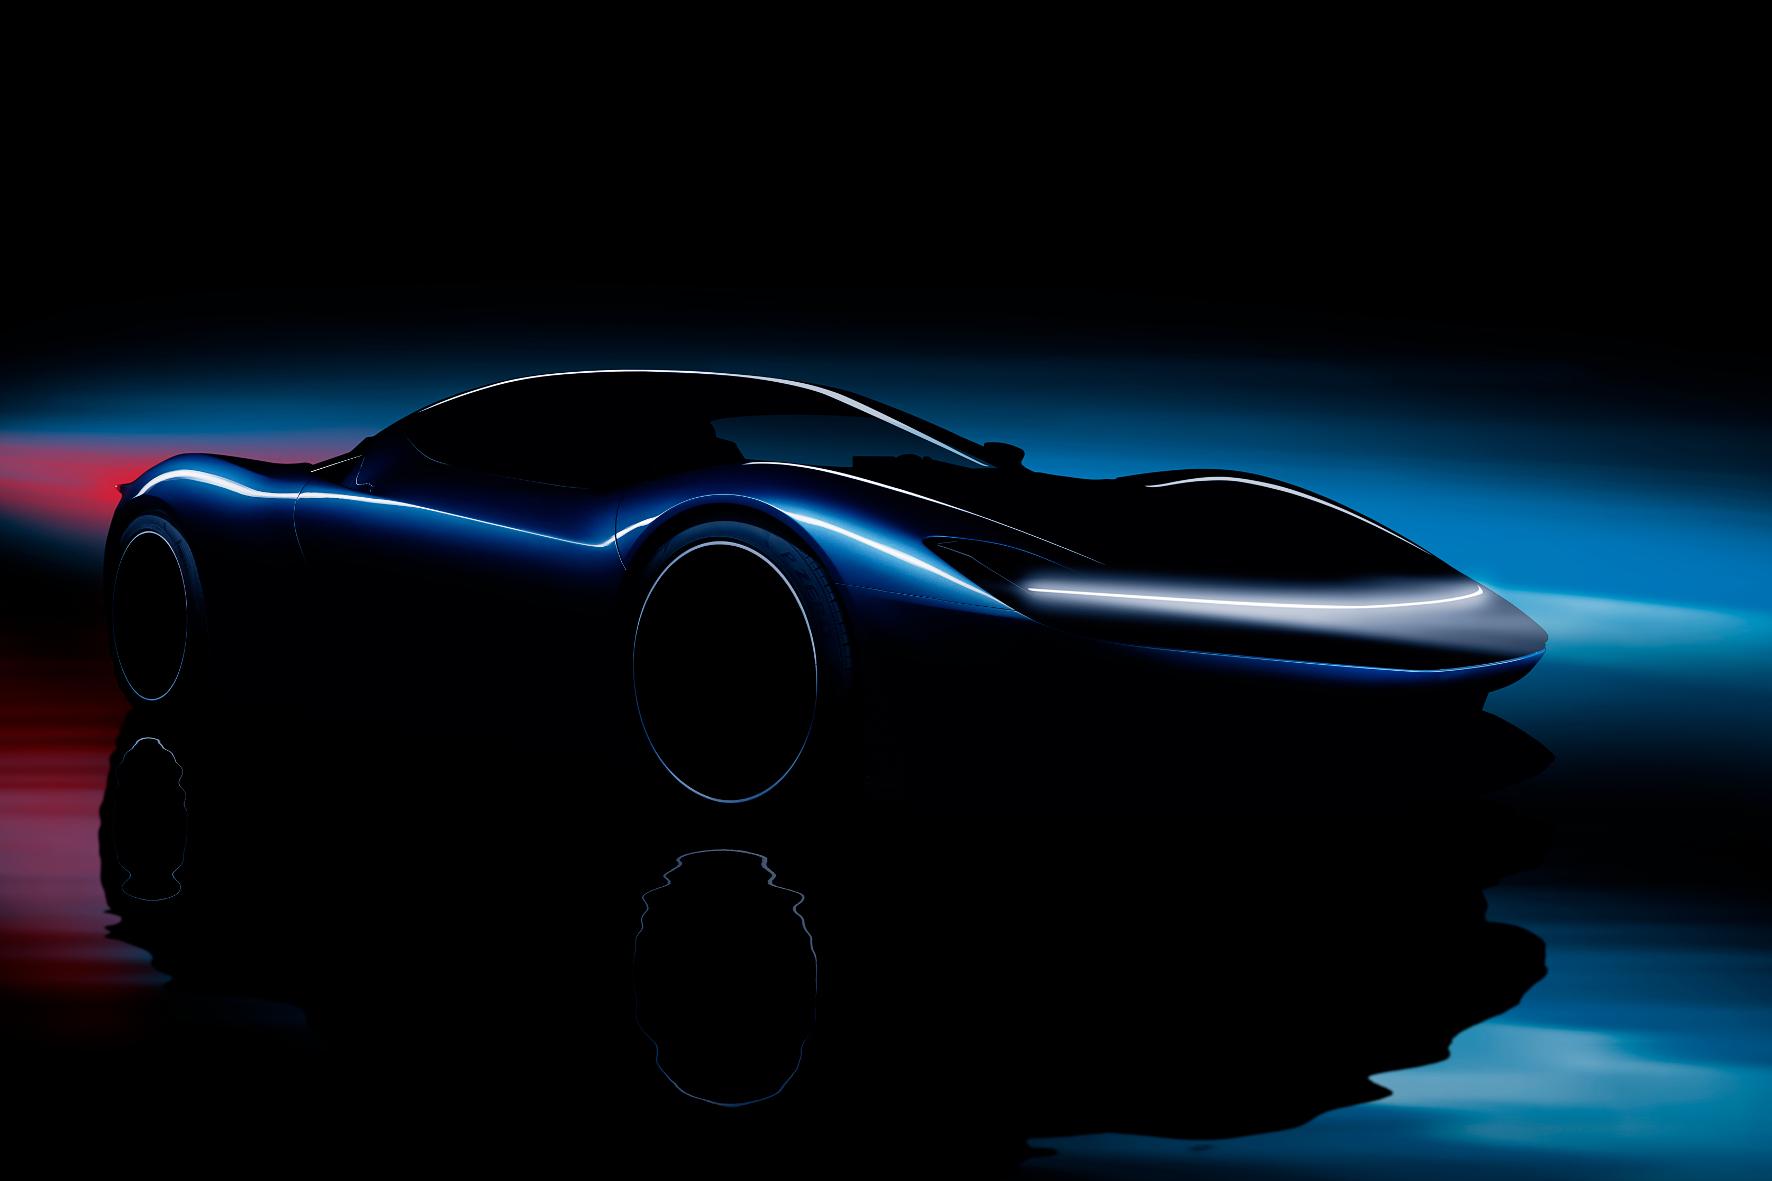 mid Groß-Gerau - Kaum zu glauben: In weniger als zwei Sekunden soll der Battista von 0 auf 100 km/h spurten. Automobili Pininfarina